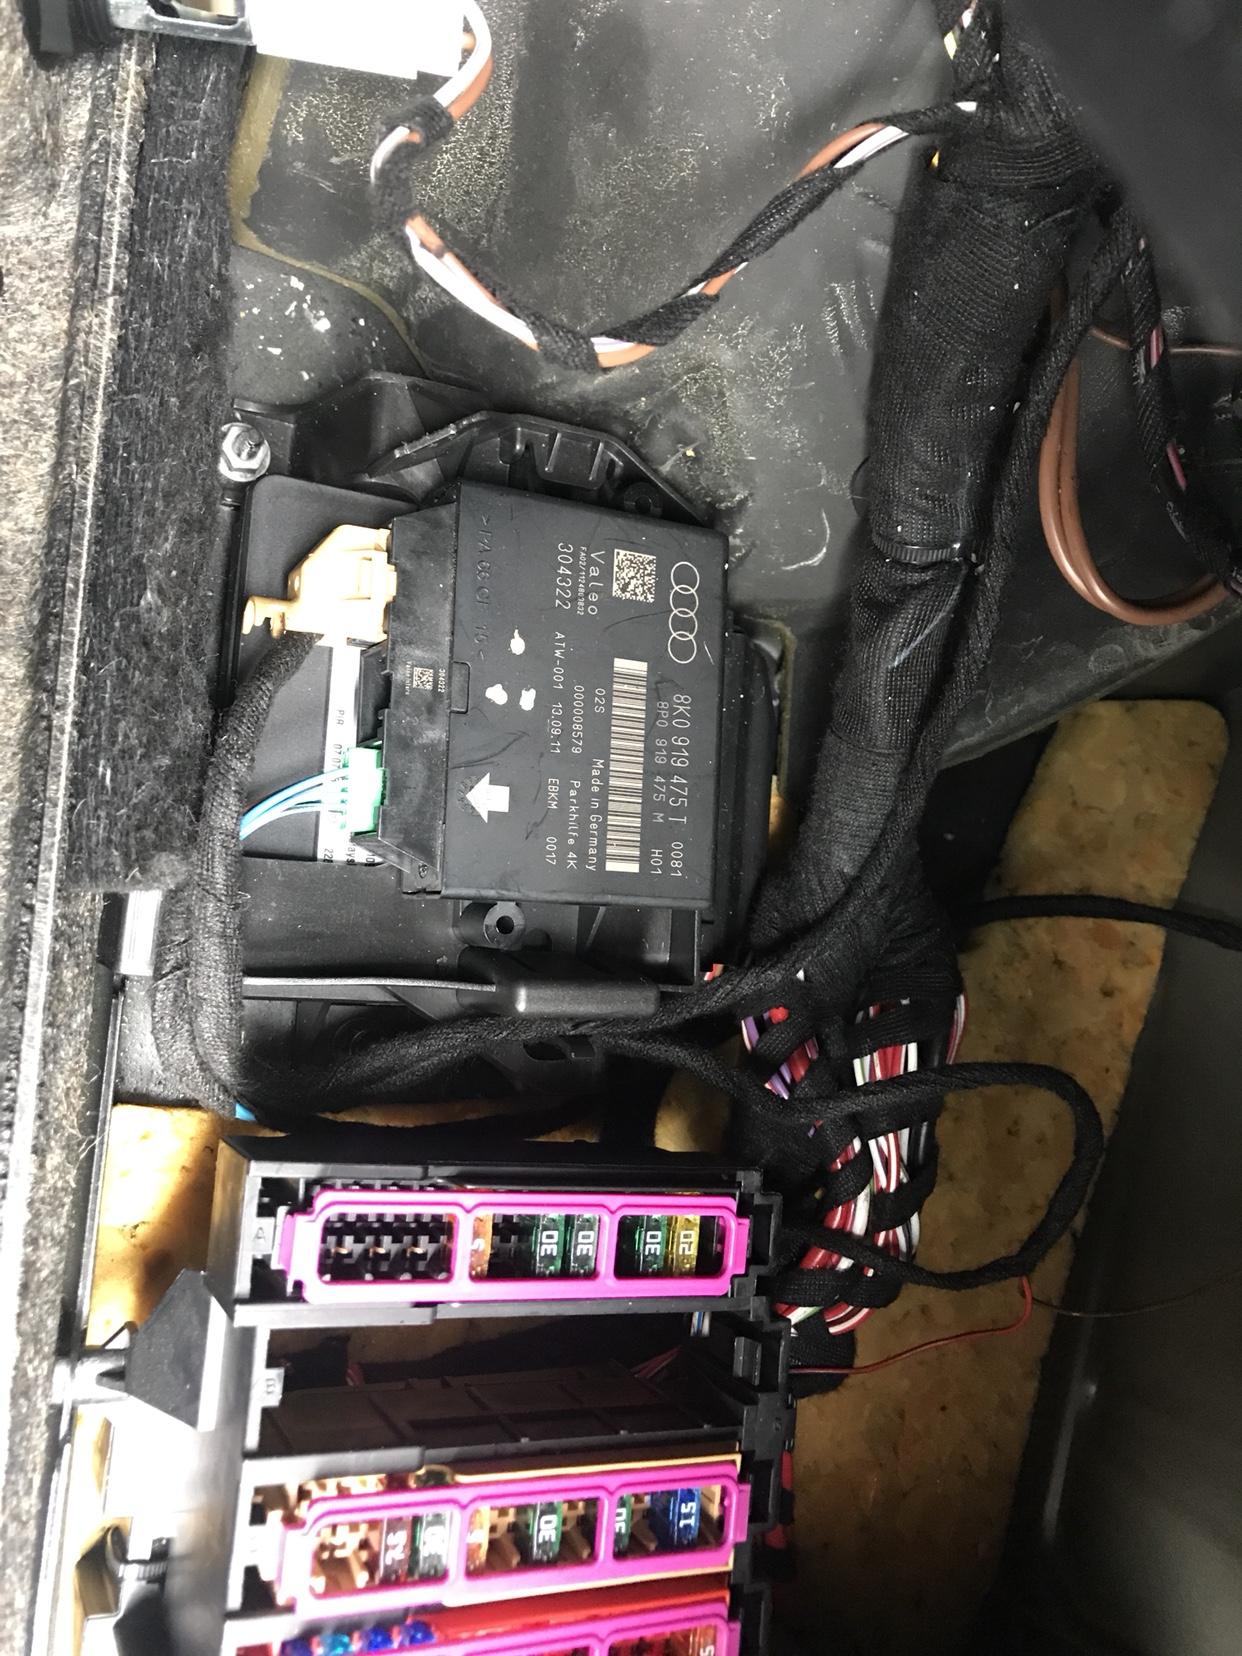 2007 honda ruckus fuse box honda ruckus battery box wiring